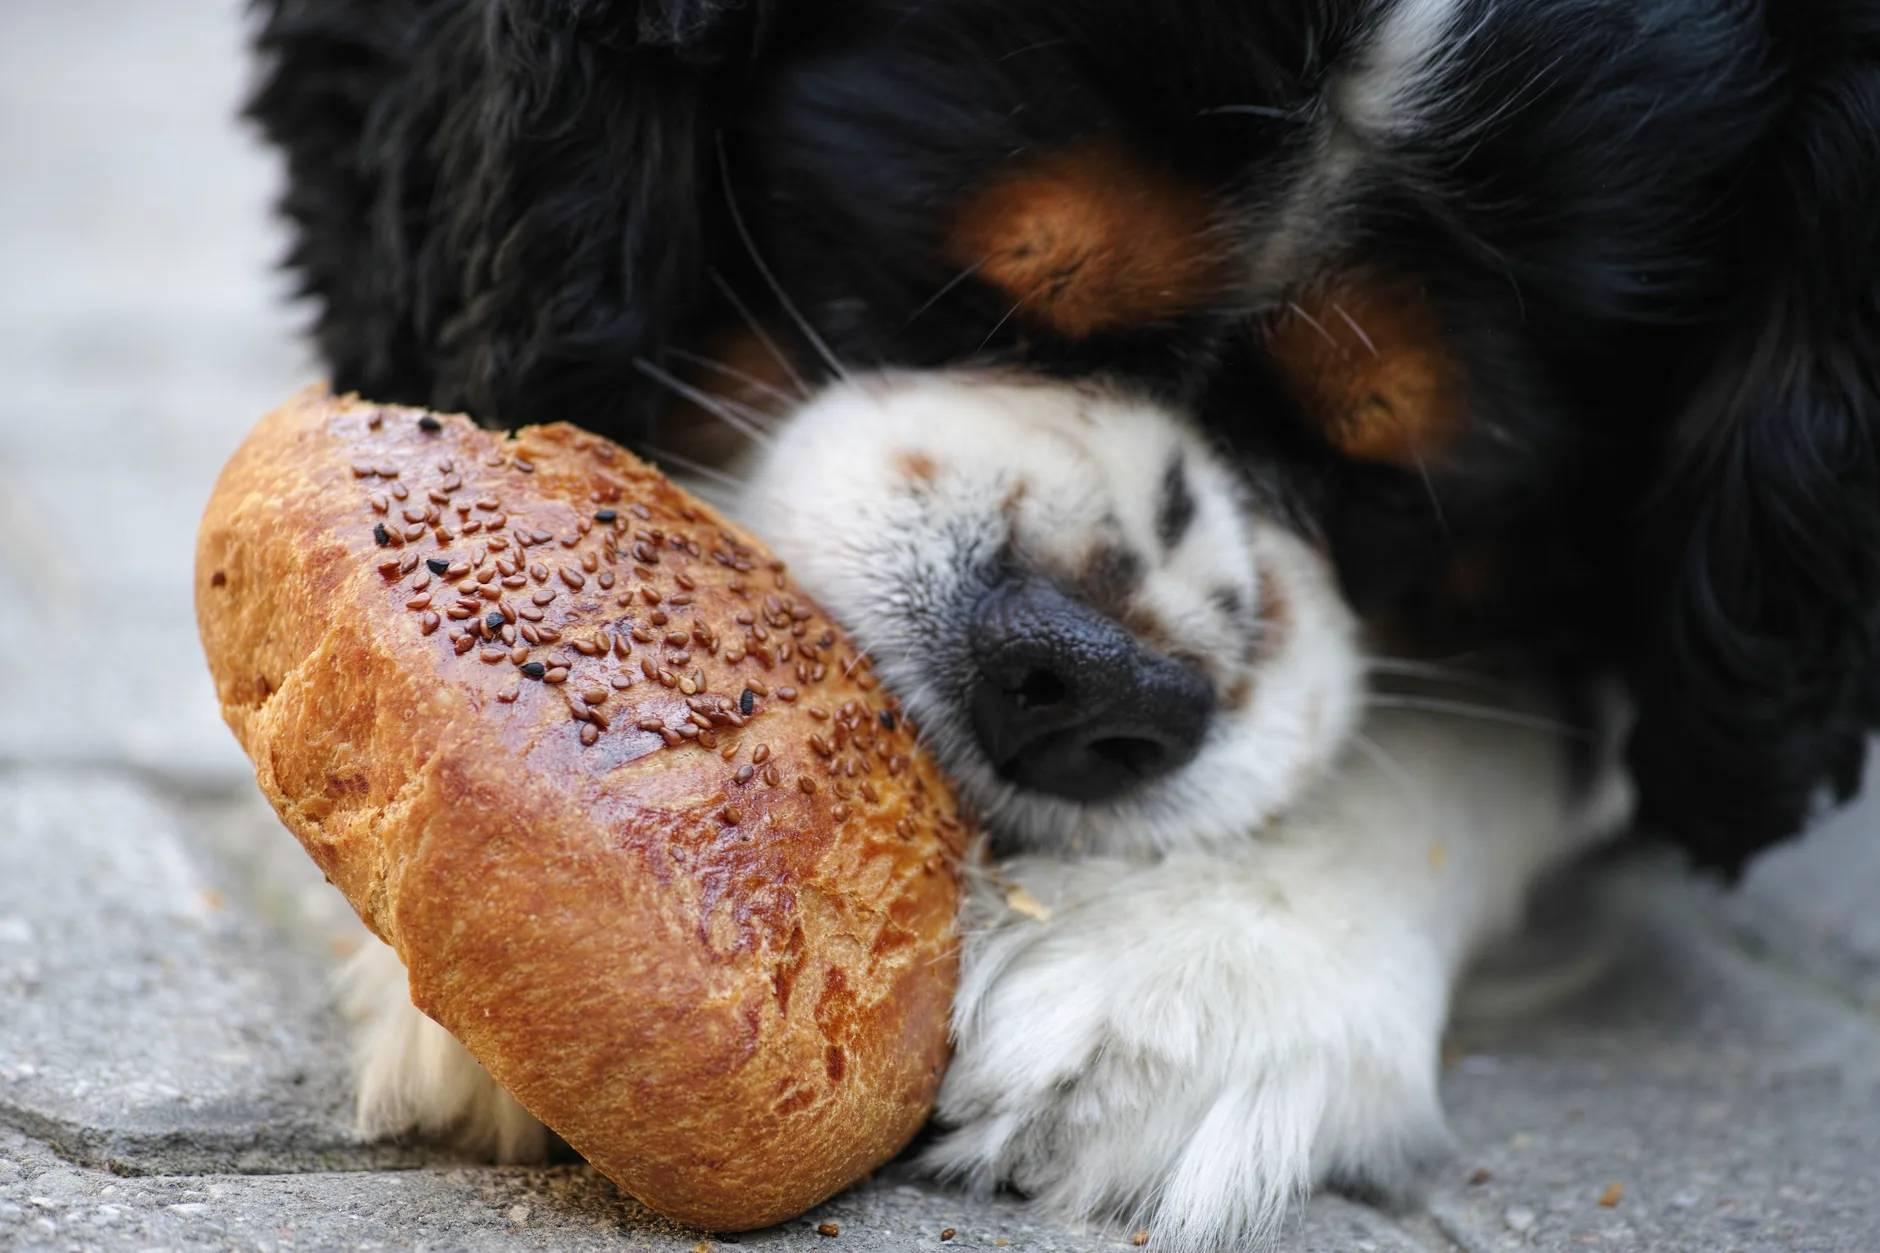 吃狗粮图片搞笑